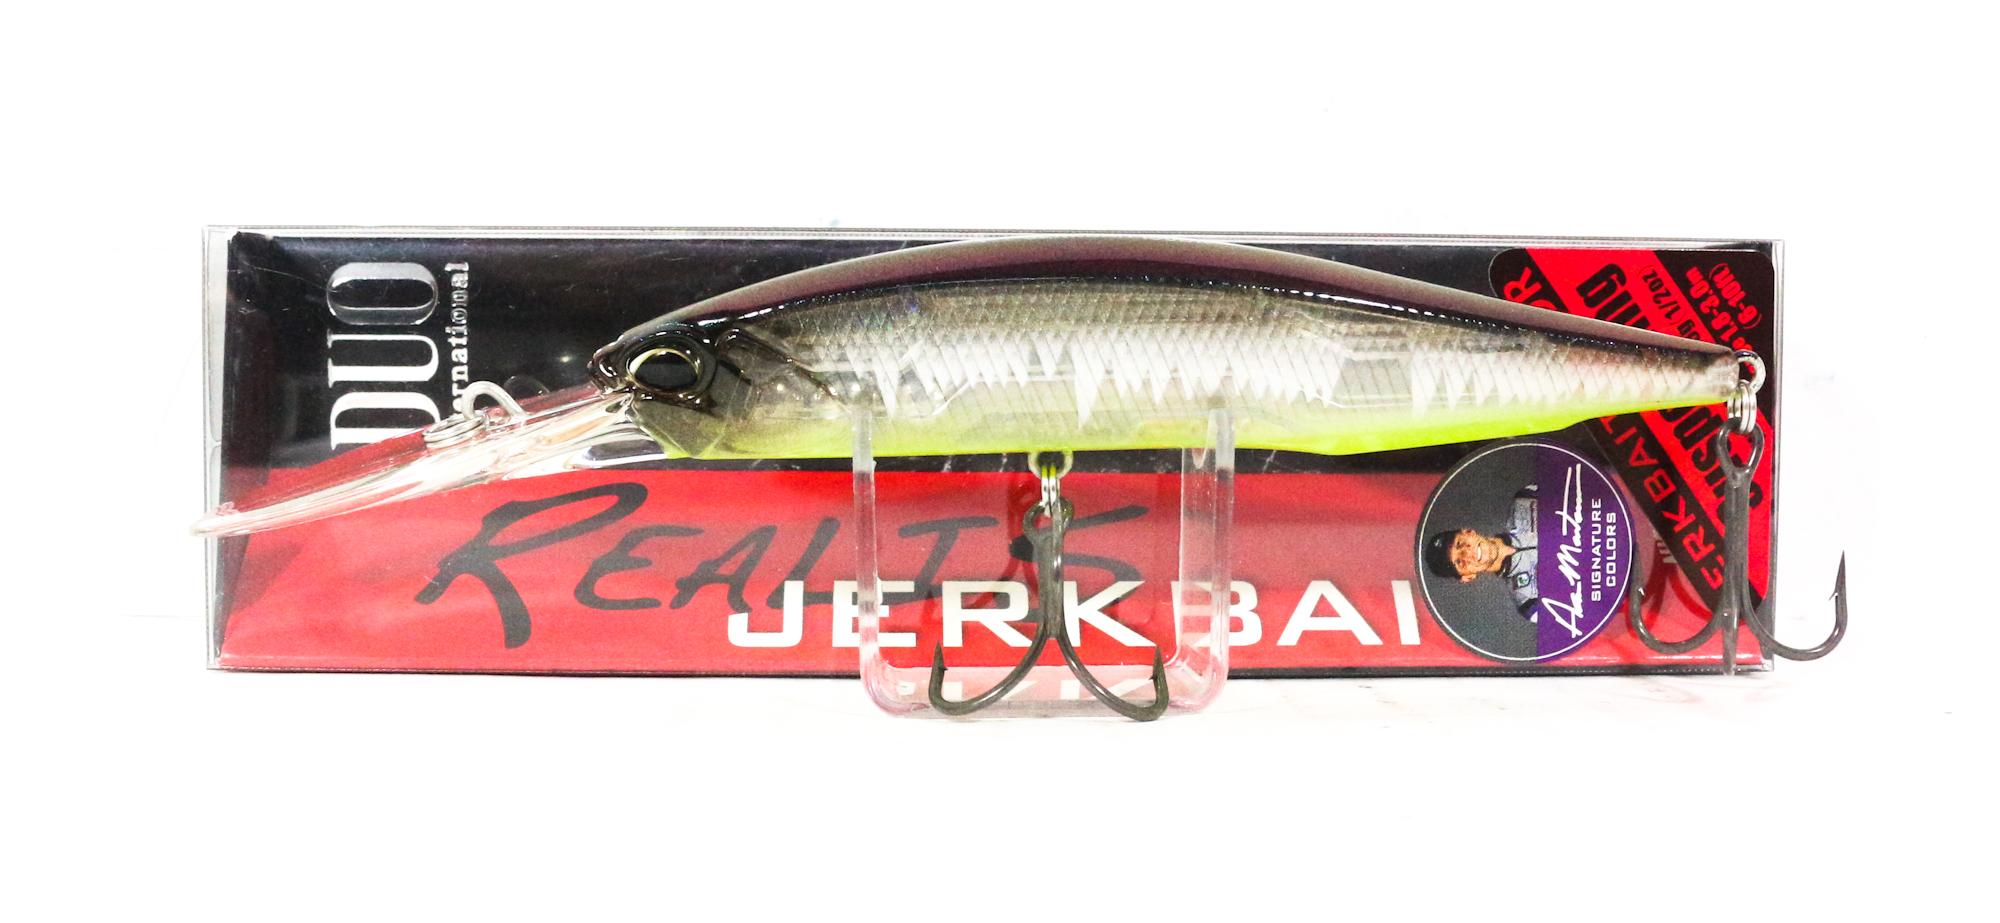 Duo Realis Jerkbait 100 DR Deep Diving Suspend Lure DEA3341 (0572)